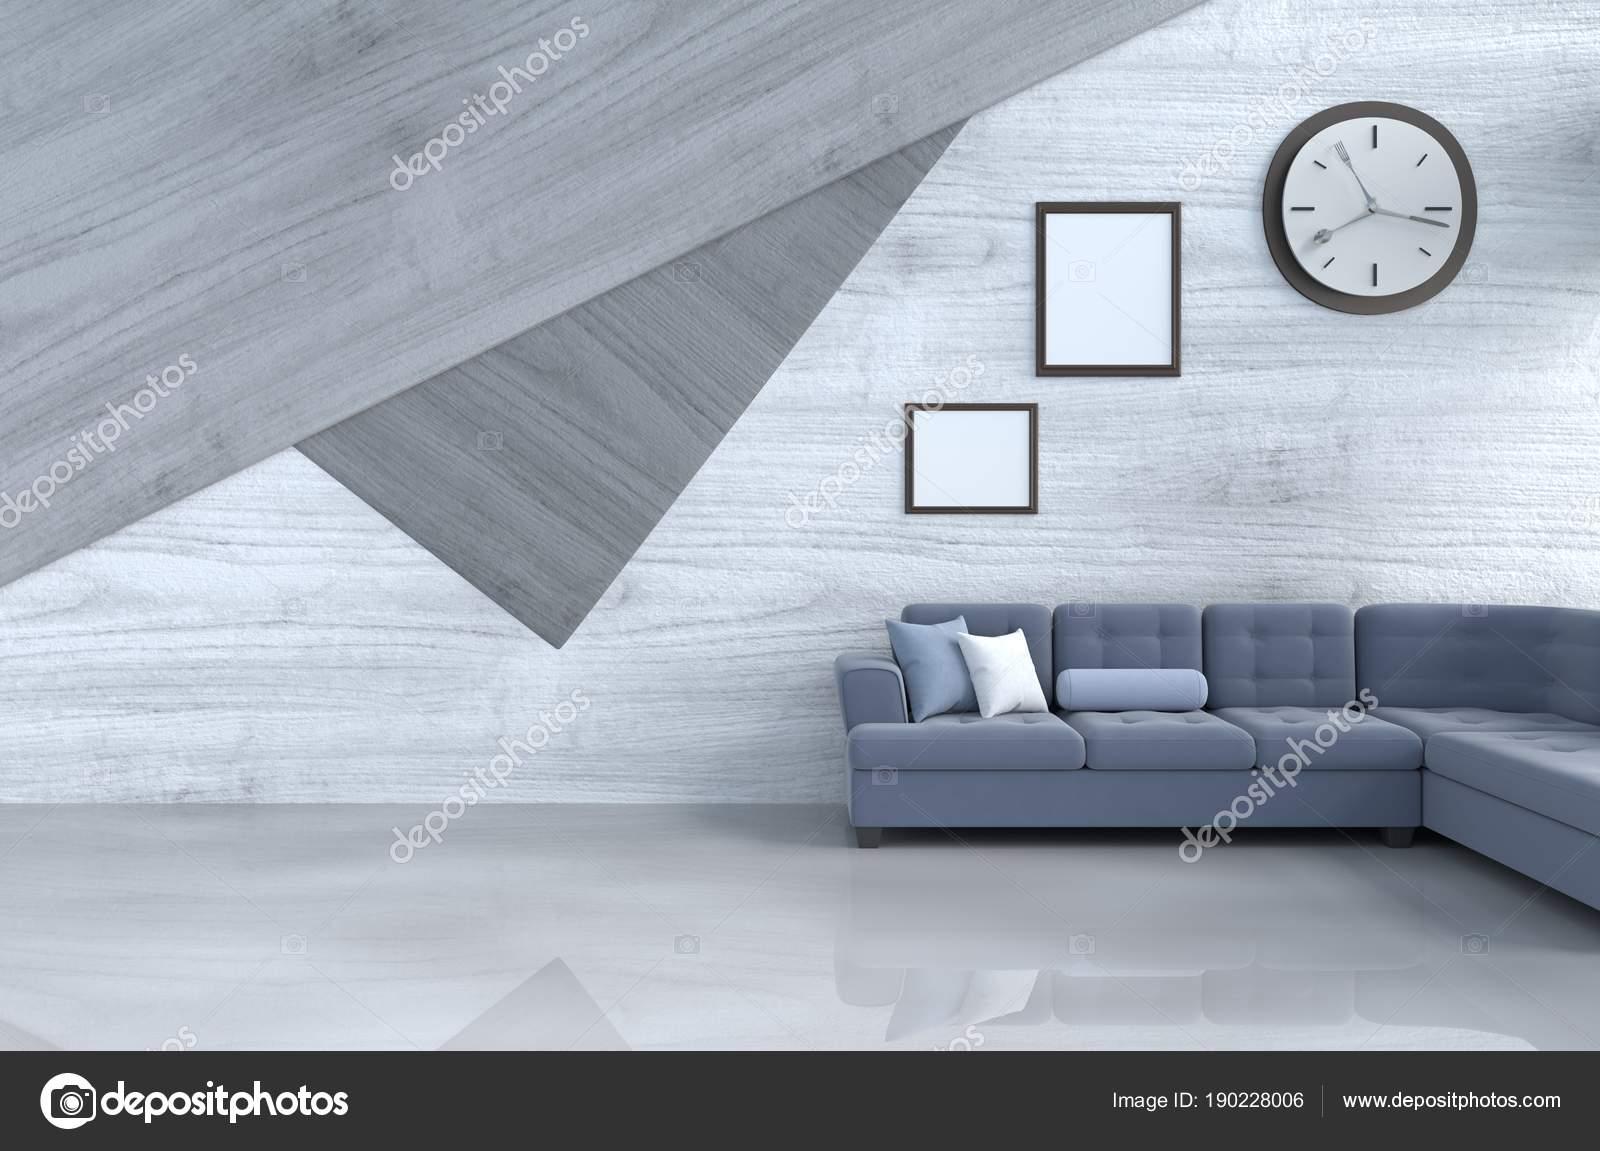 Grau Weiß Wohnzimmer Dekor Mit Blauem Sofa Wanduhr Weiße Holz U2014 Stockfoto